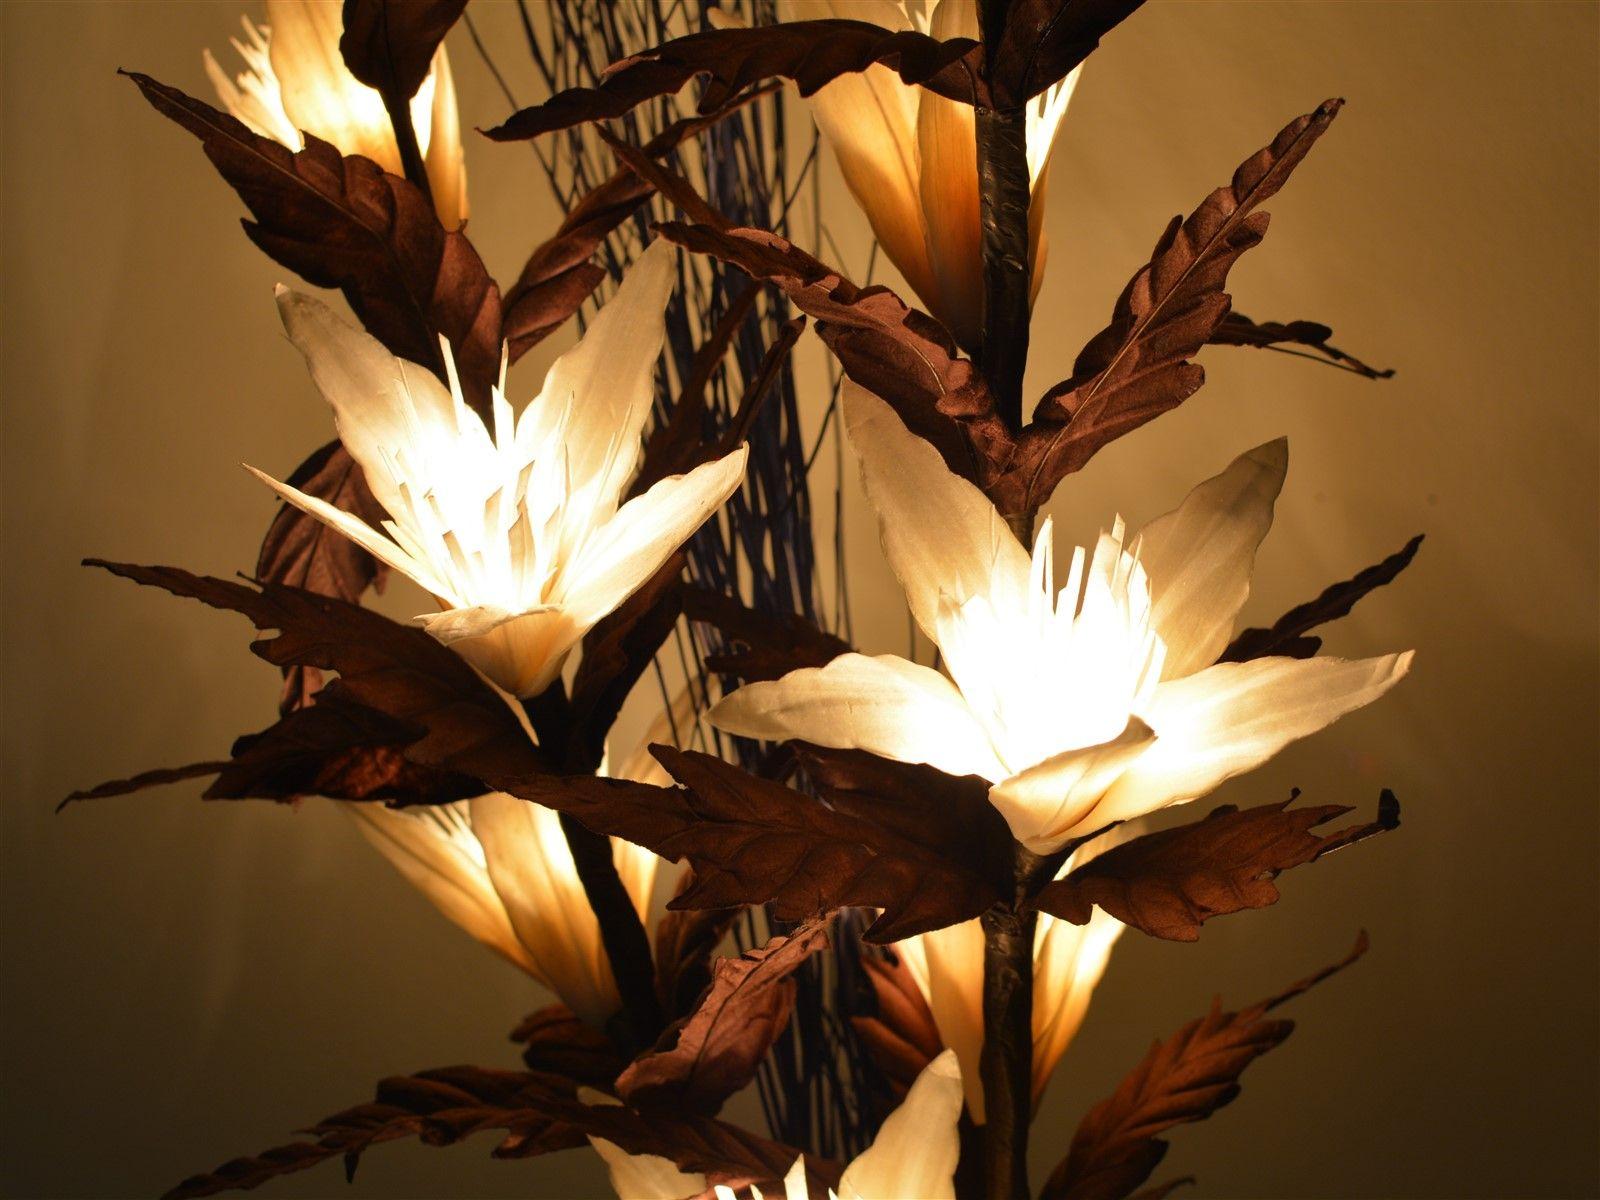 Pin Von Siamrose Auf Lichterketten Kugeln Aus Baumwolle Lichterkette Lichterkette Kugeln Kugeln